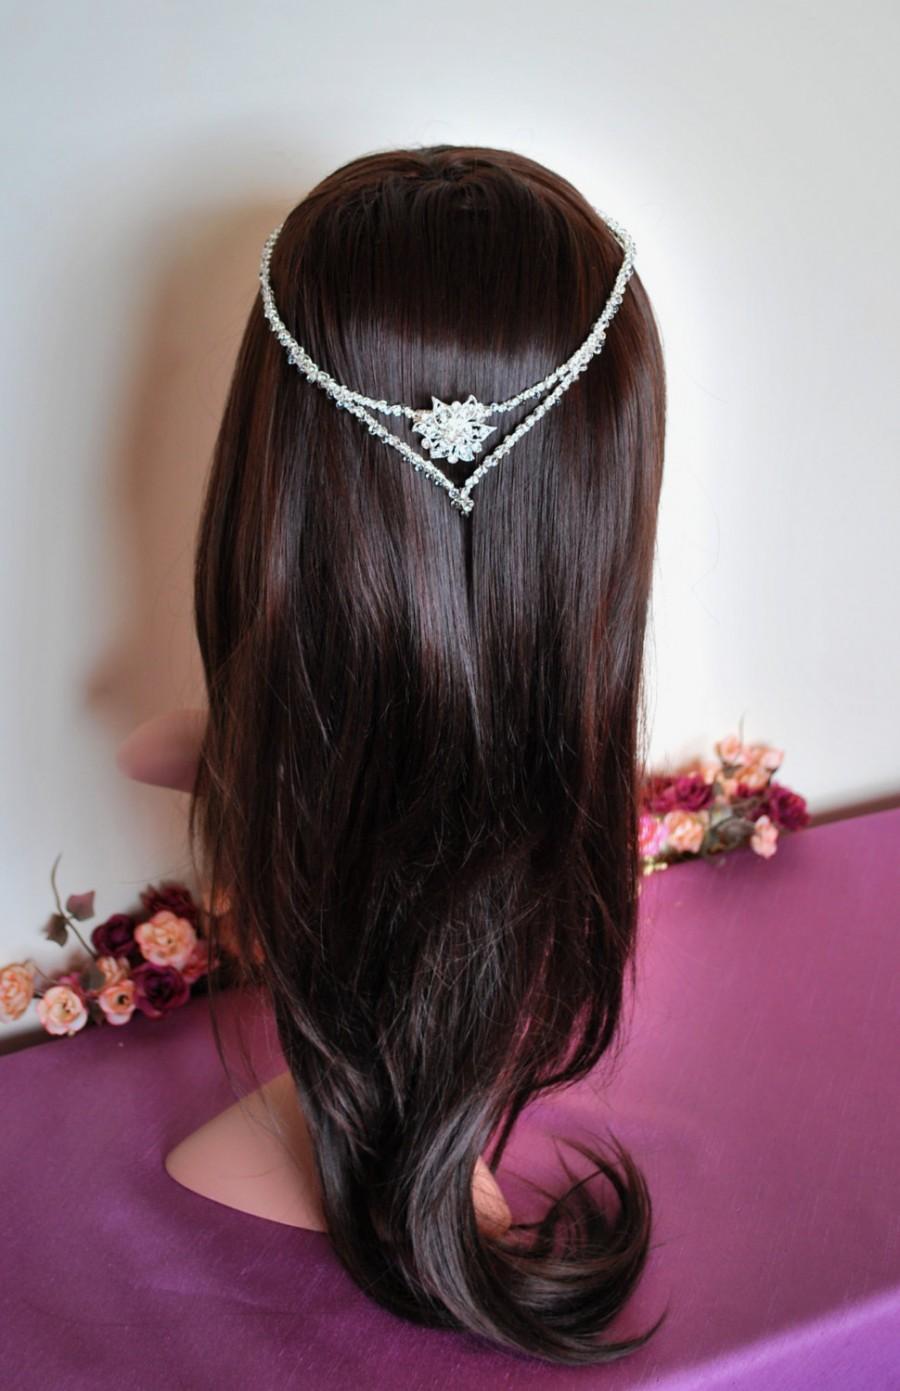 Mariage - Circlet, rhinestone circlet, wedding halo, diamond circlet,  bridal halo, elven tiara, fairy crown, diamond halo, diamante wreath, boho chic